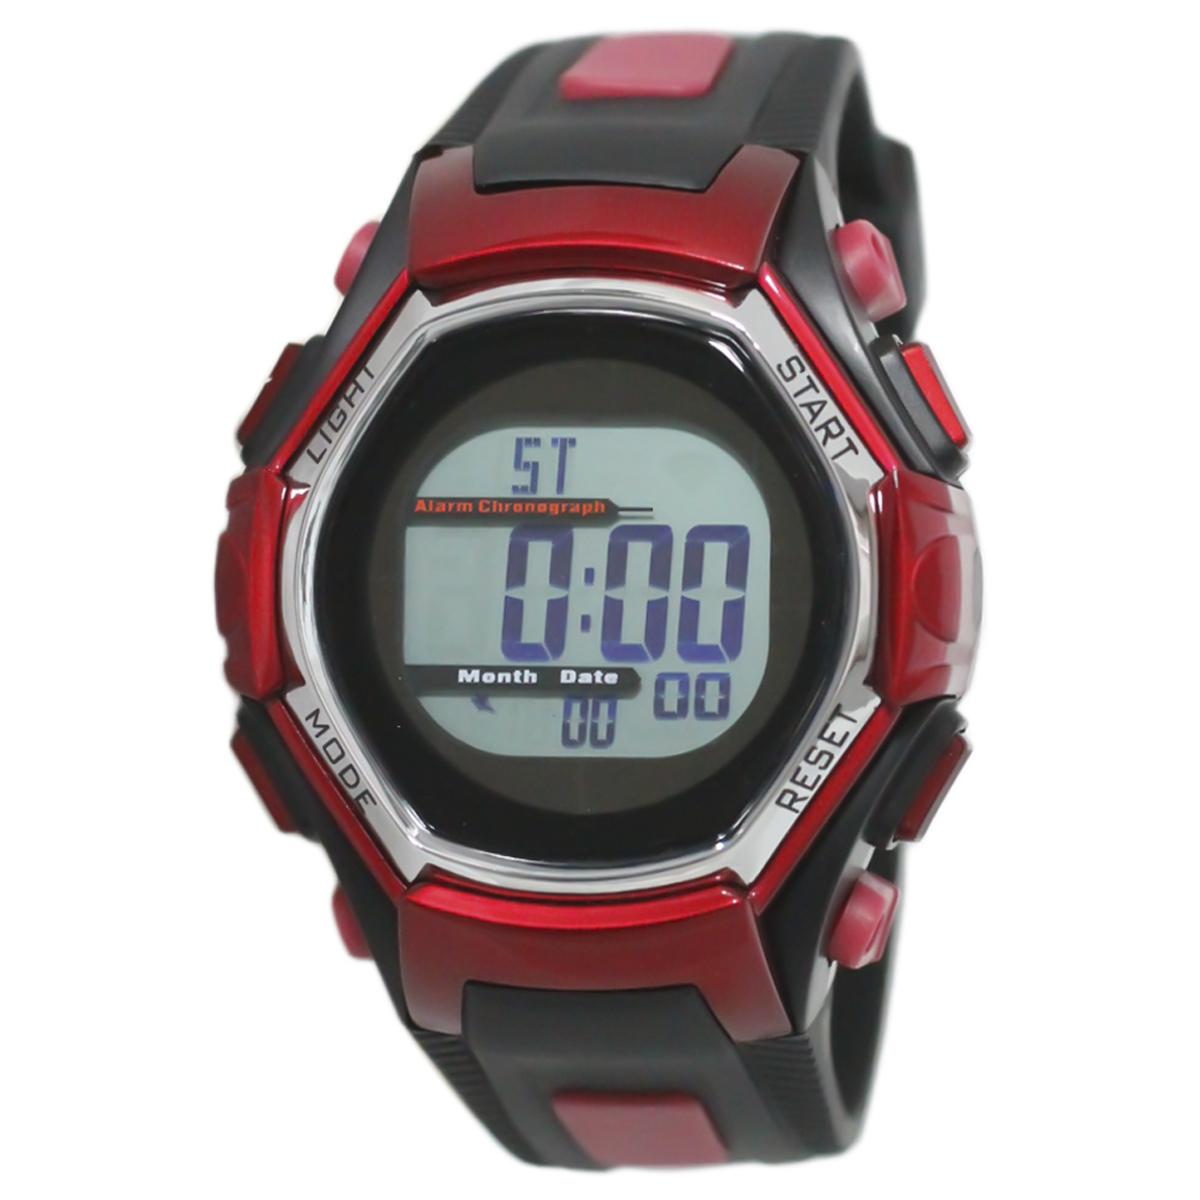 フォルミア FORMIA デジタルウオッチ ソーラー電波 メンズ 腕時計【FDM7861】